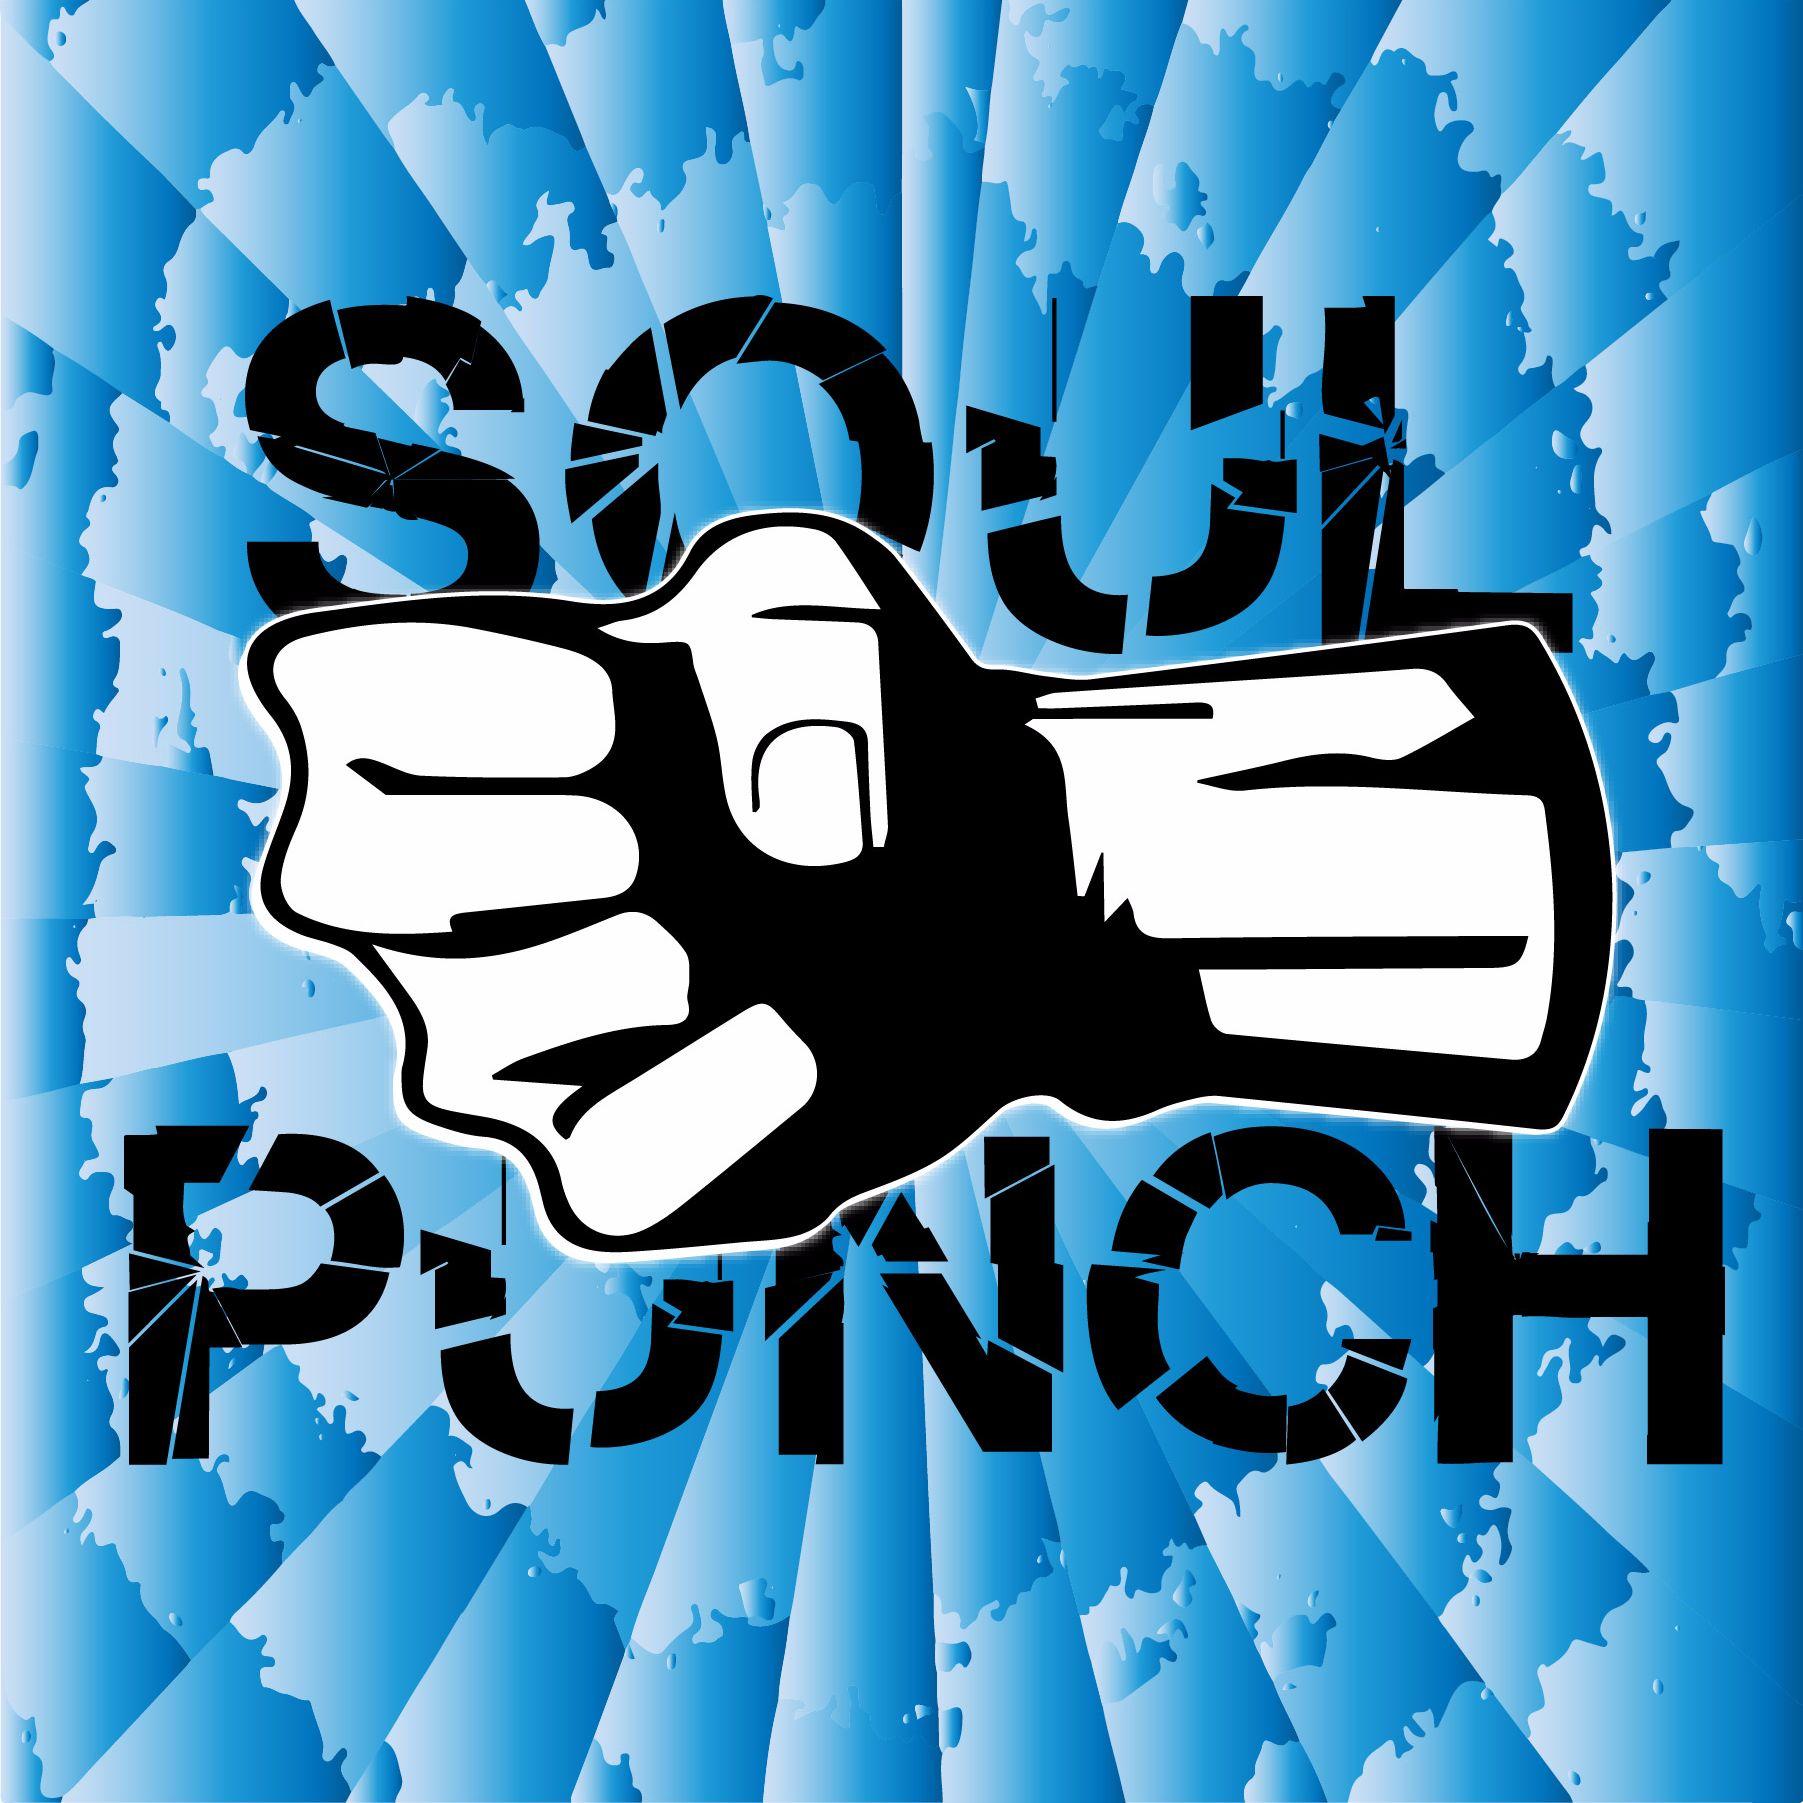 Soul Punch